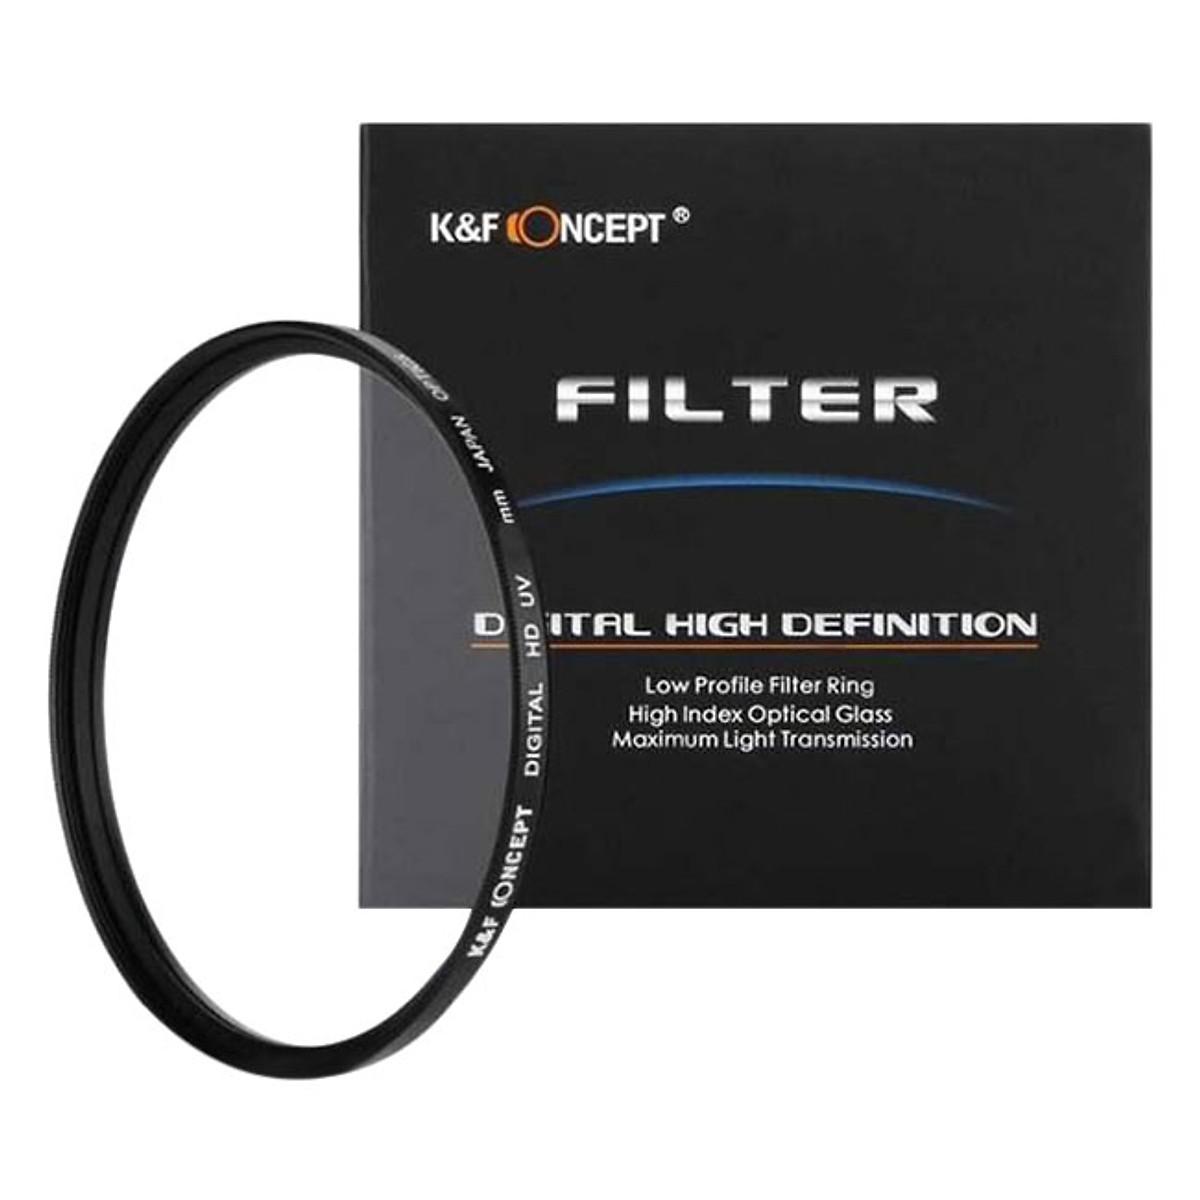 Kính Lọc K&F Concept Filter UV Digital HD - Japan Optic - Size 86mm - Hàng Nhập Khẩu